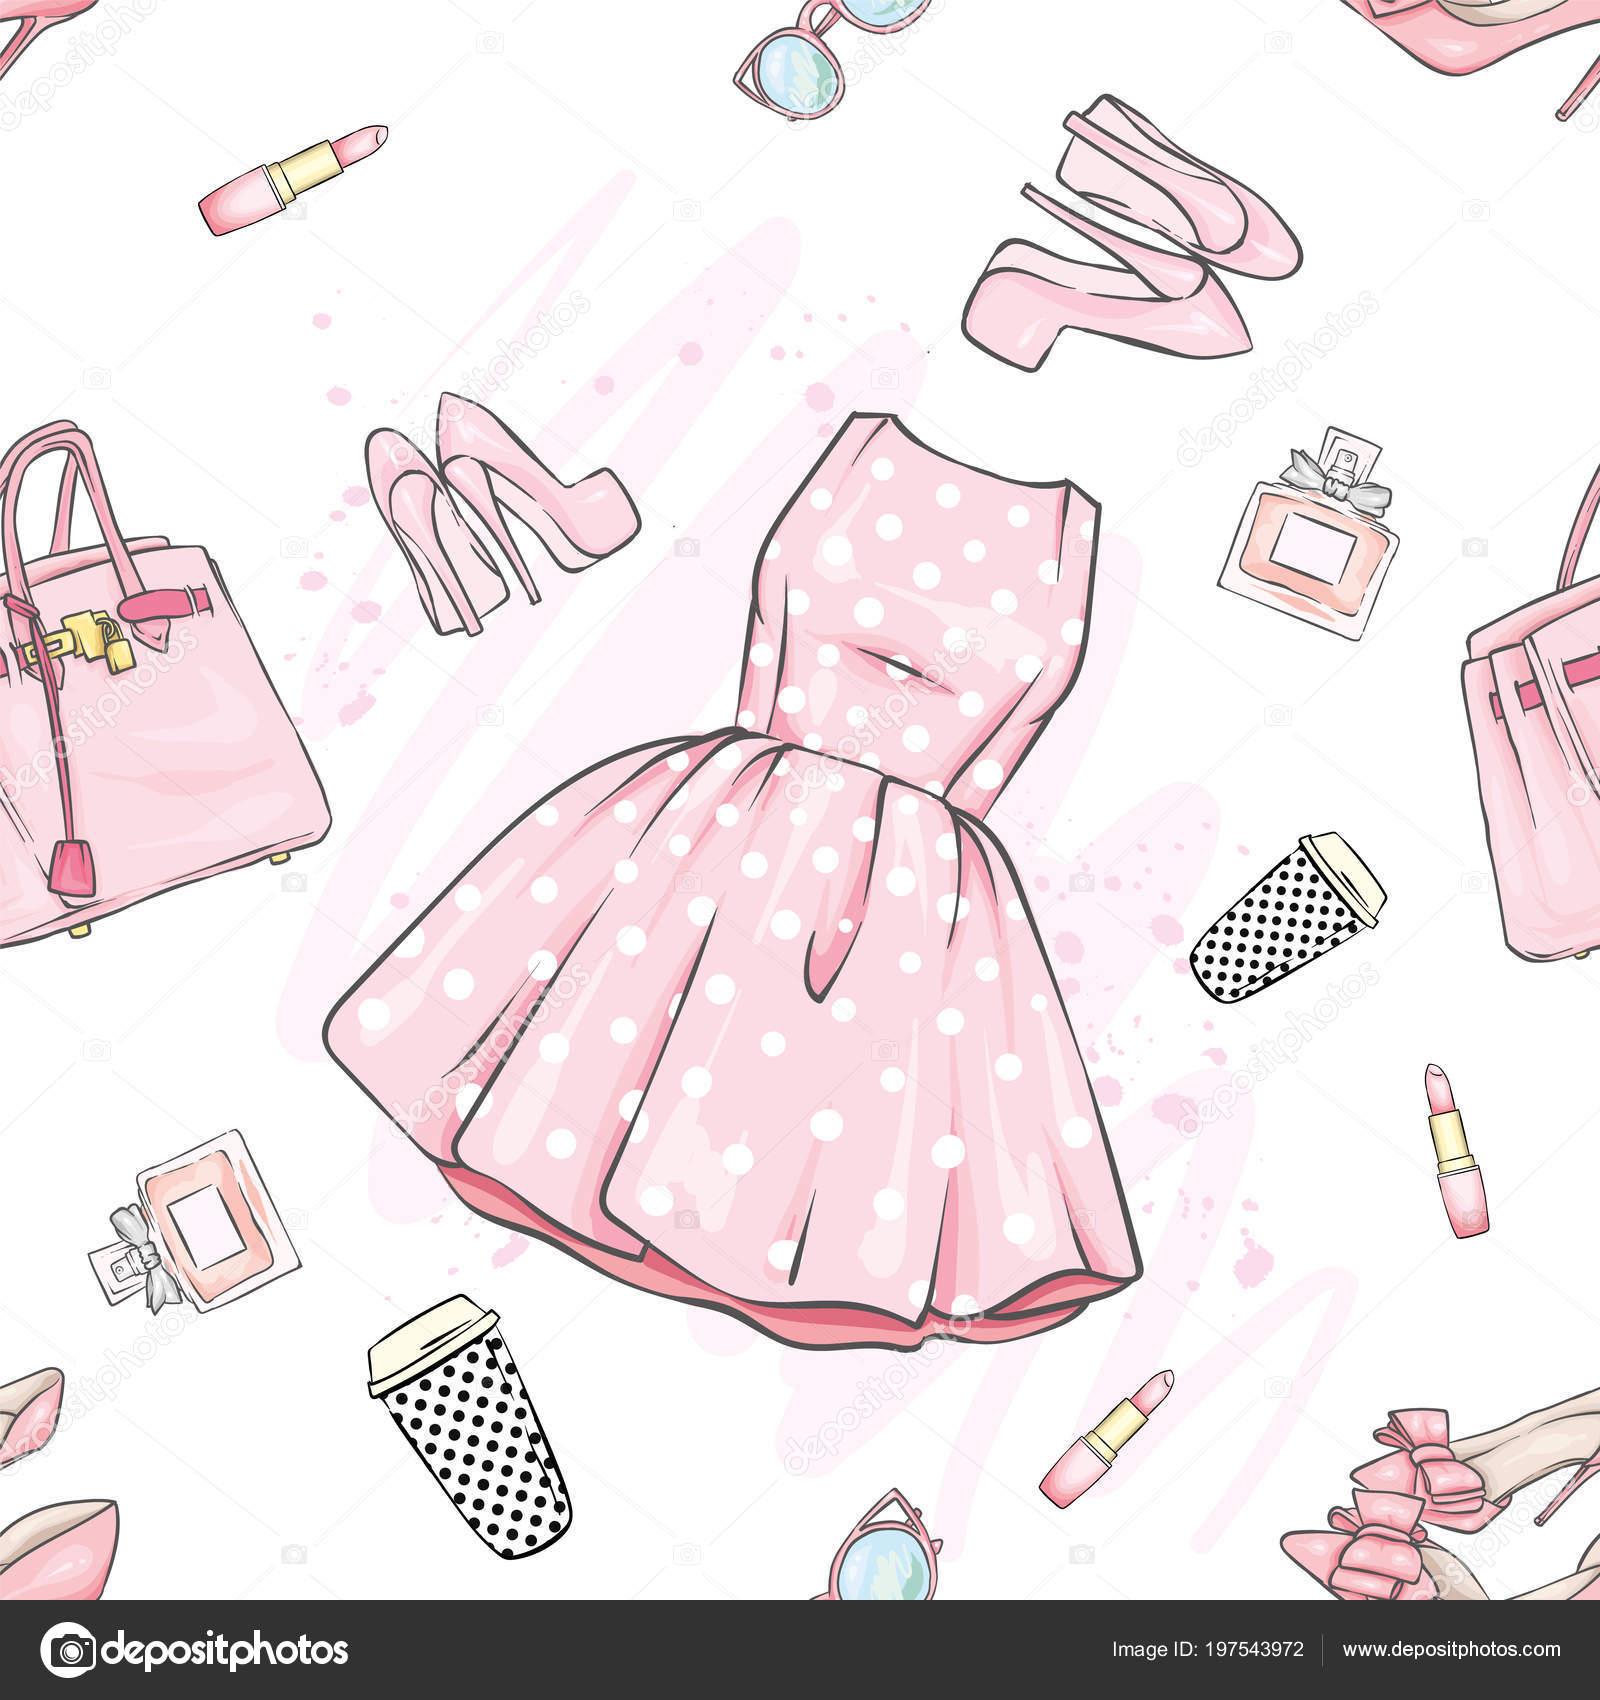 77e70072cdca85 Набір модного жіночого одягу та аксесуарів. Сукня, сумку, взуття на  підборах, помада, парфуми і окуляри. Векторні ілюстрації. & Стиль моди.  Фоновому режимі.